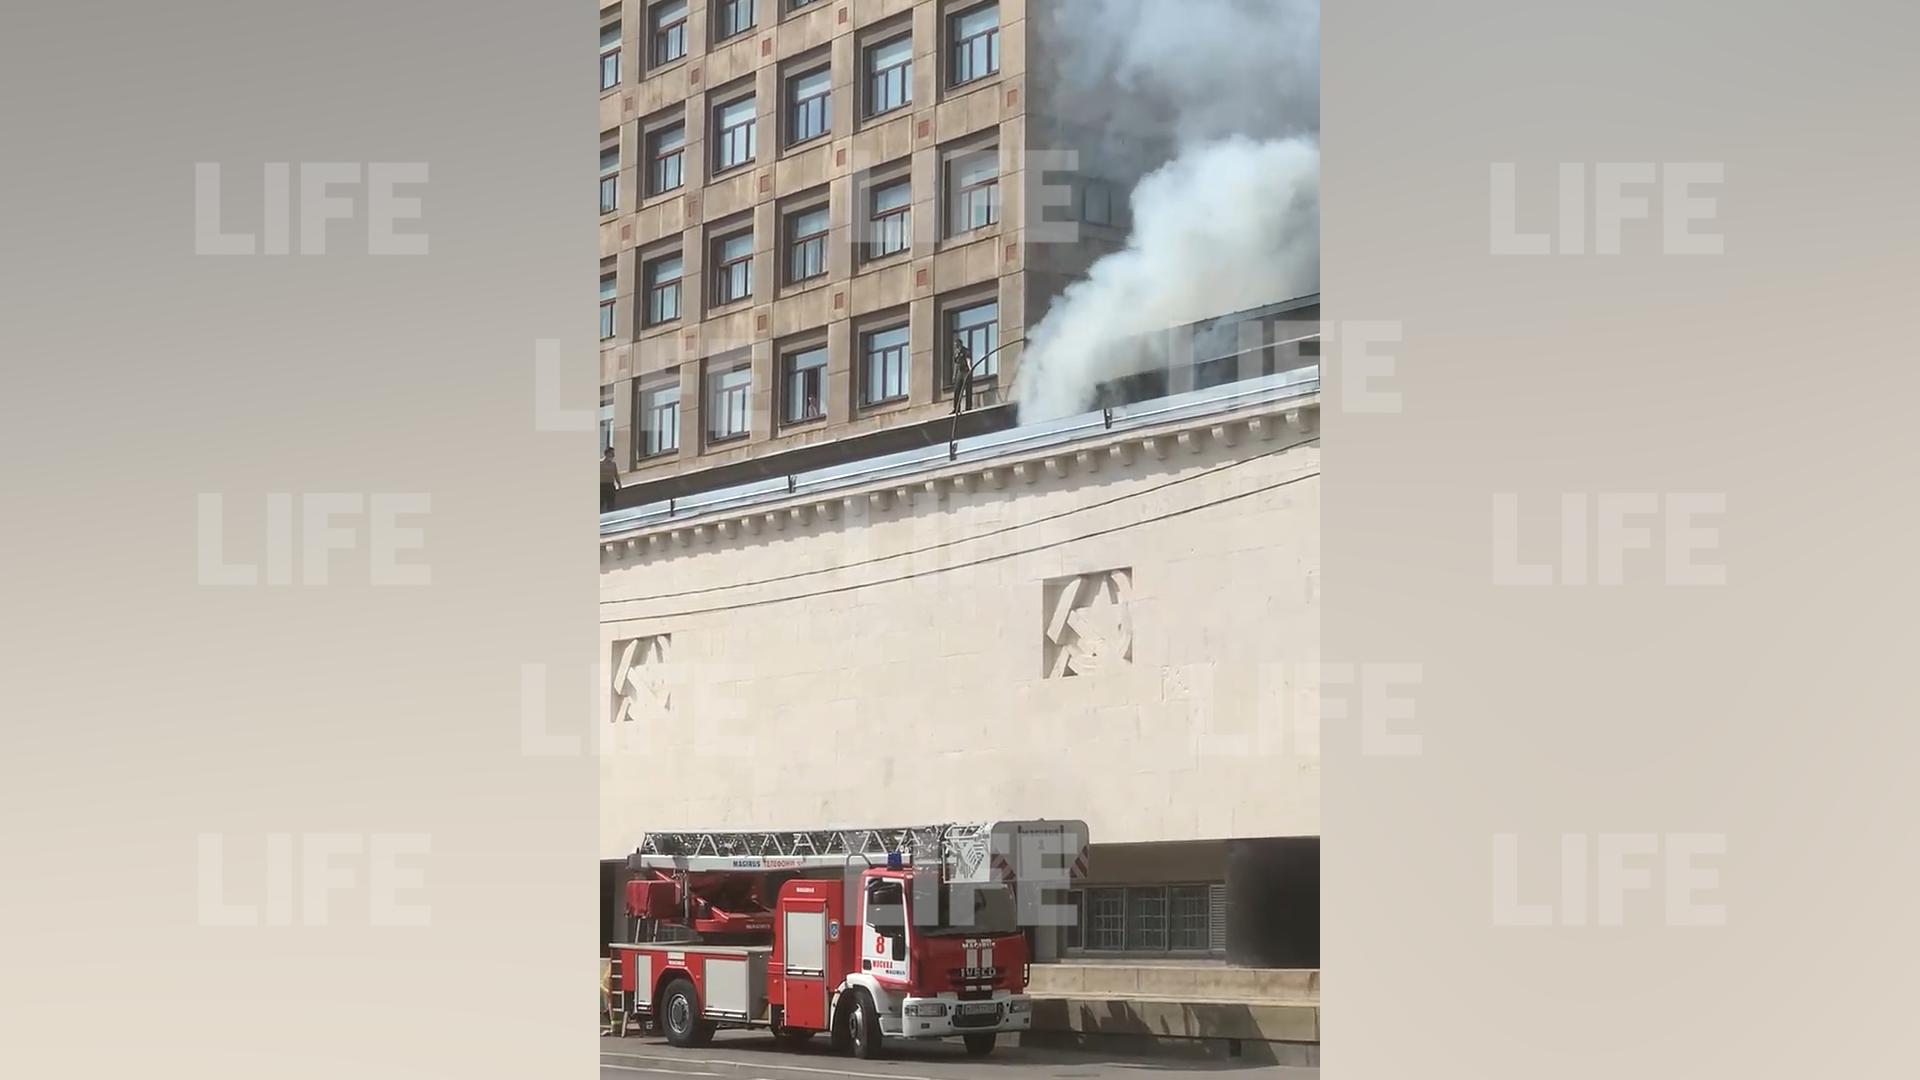 Военная академия имени Фрунзе загорелась в центре Москвы